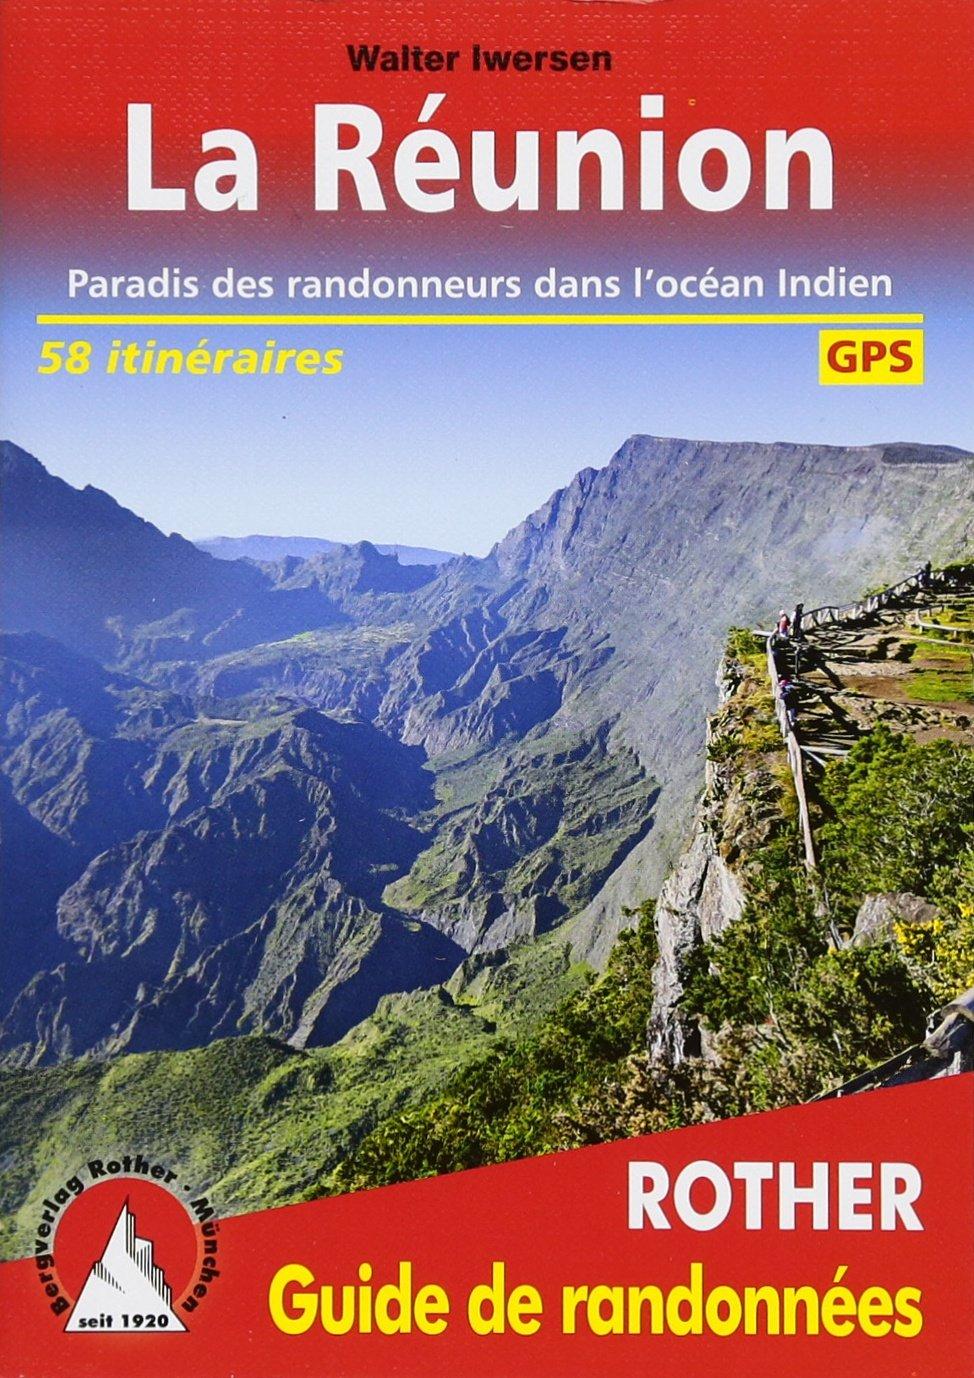 La Réunion (französische Ausgabe): Paradis des randonneurs dans l'océan Indien. 58 itinéraires. Avec des traces GPS (Rother Guide de randonnées)